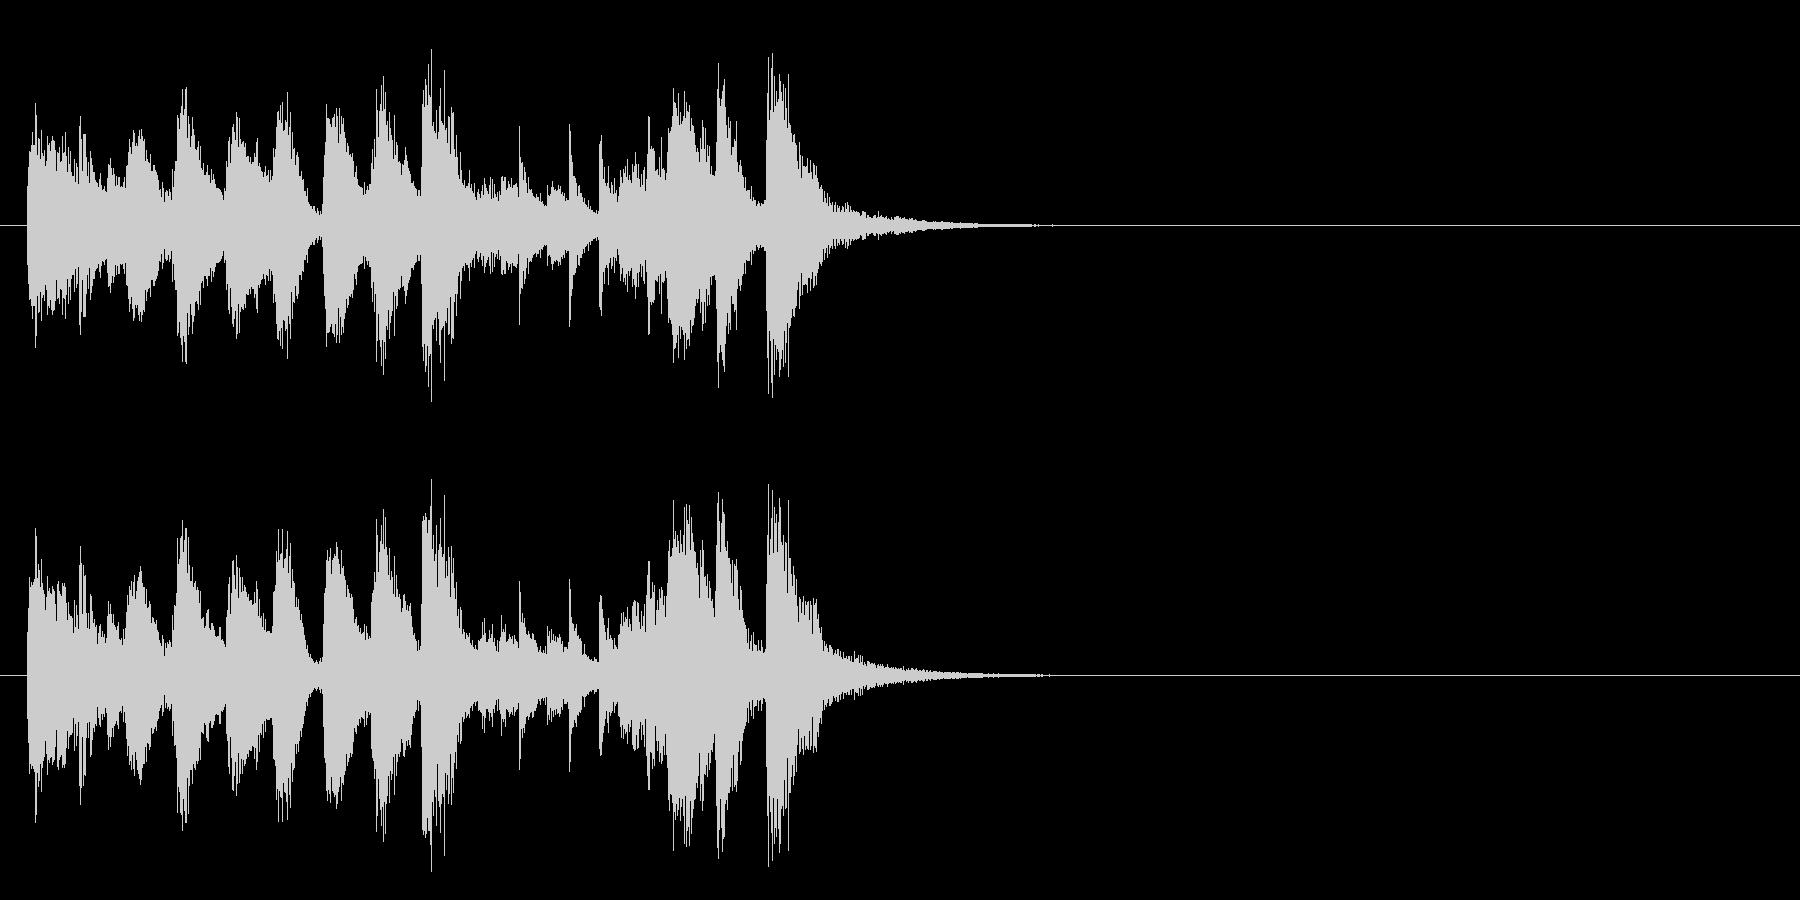 ジングル(ラグタイム風)の未再生の波形